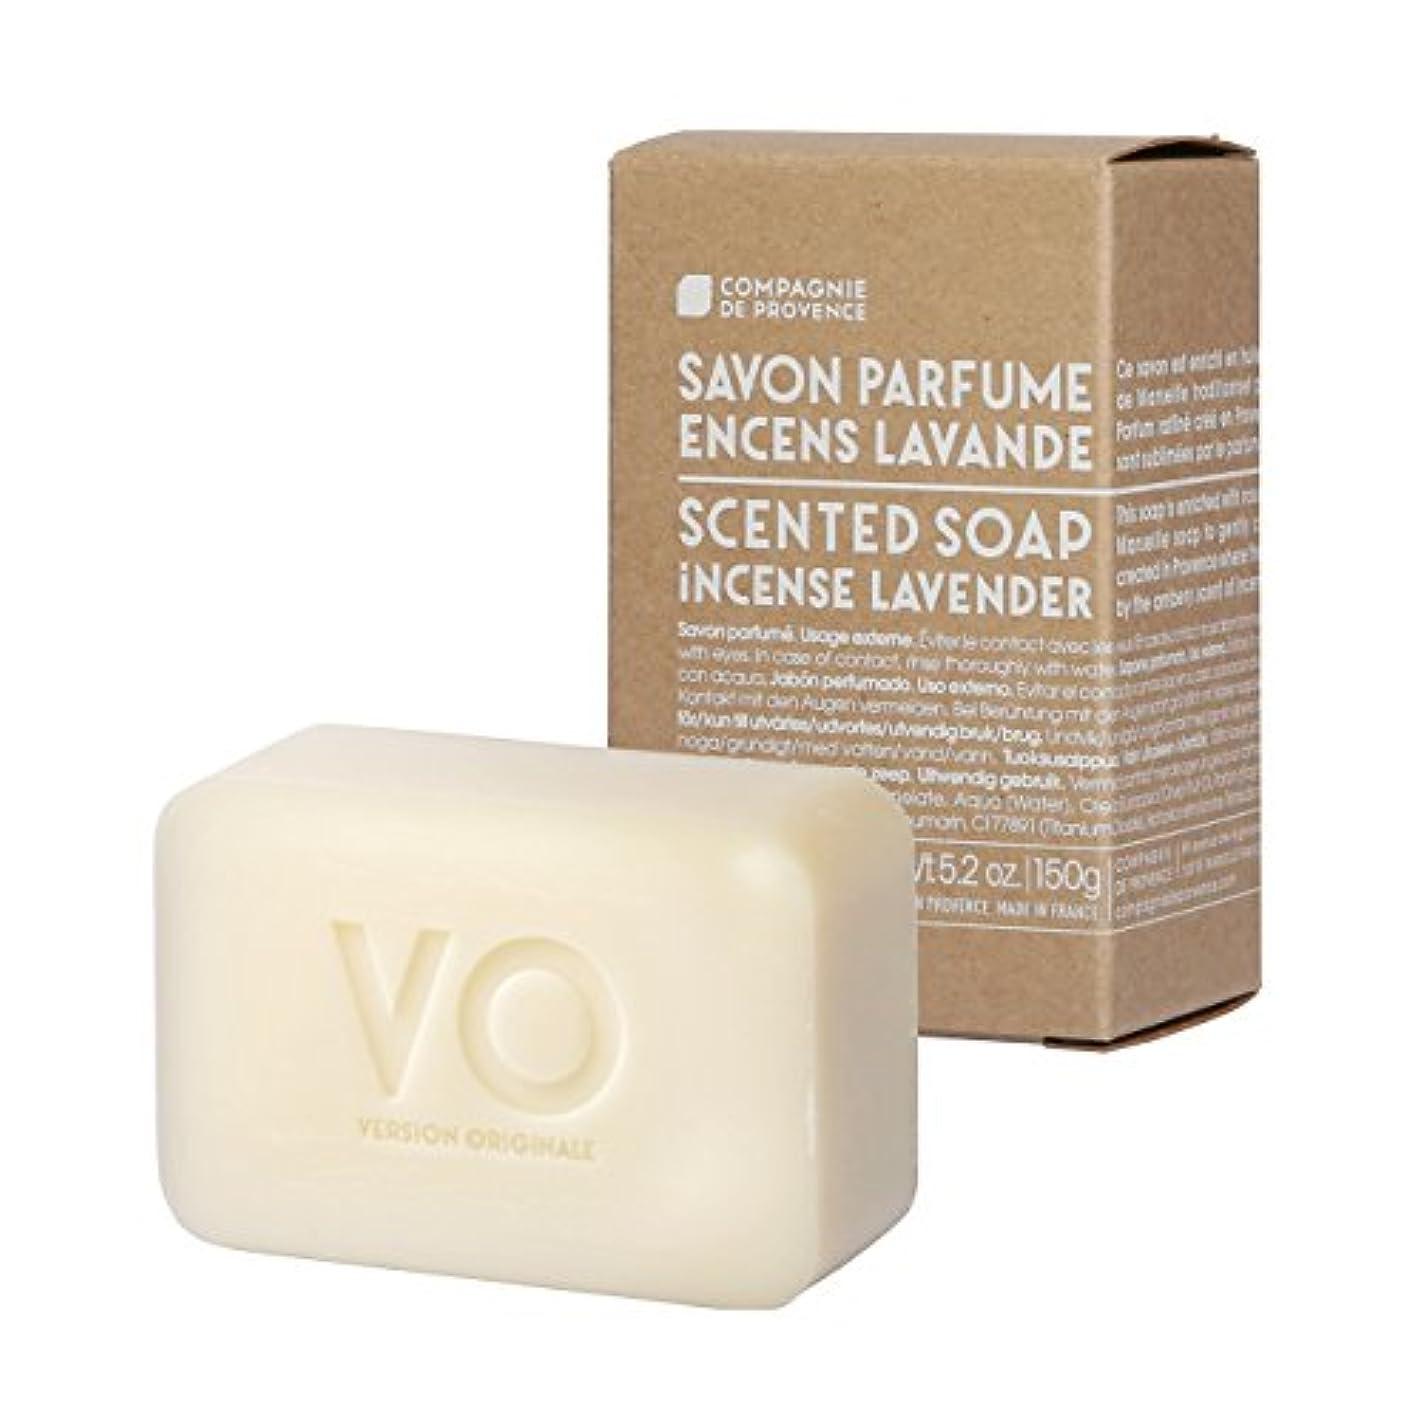 商品おなじみの虐殺カンパニードプロバンス バージョンオリジナル センティッドソープ インセンスラベンダー(ラベンダーとお香の香り) 150g